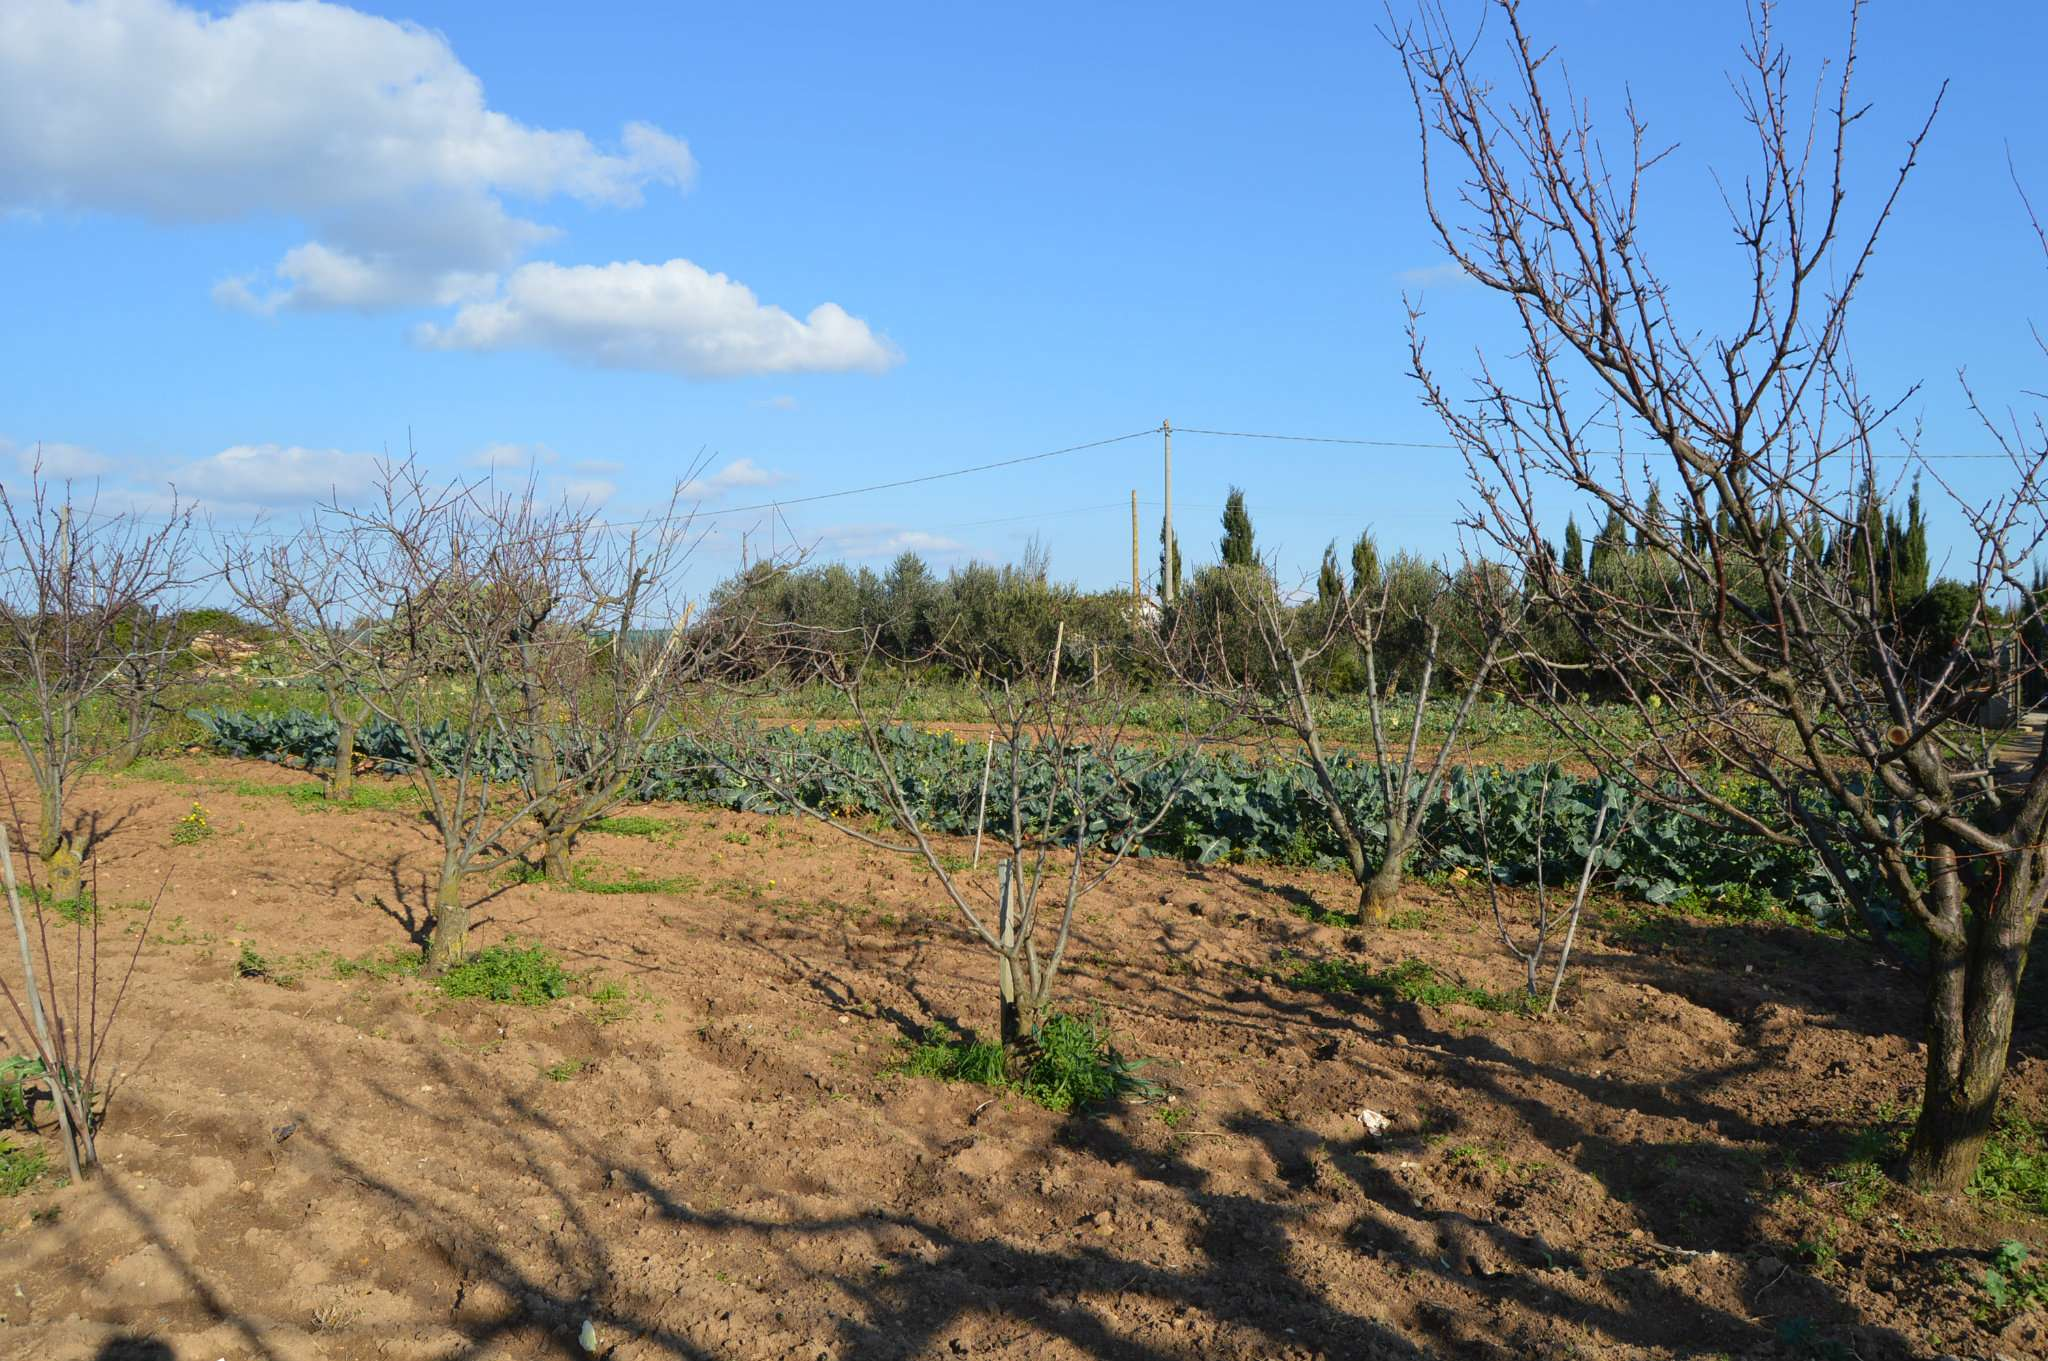 Soluzione Indipendente in vendita a Alghero, 1 locali, prezzo € 49.000 | Cambio Casa.it